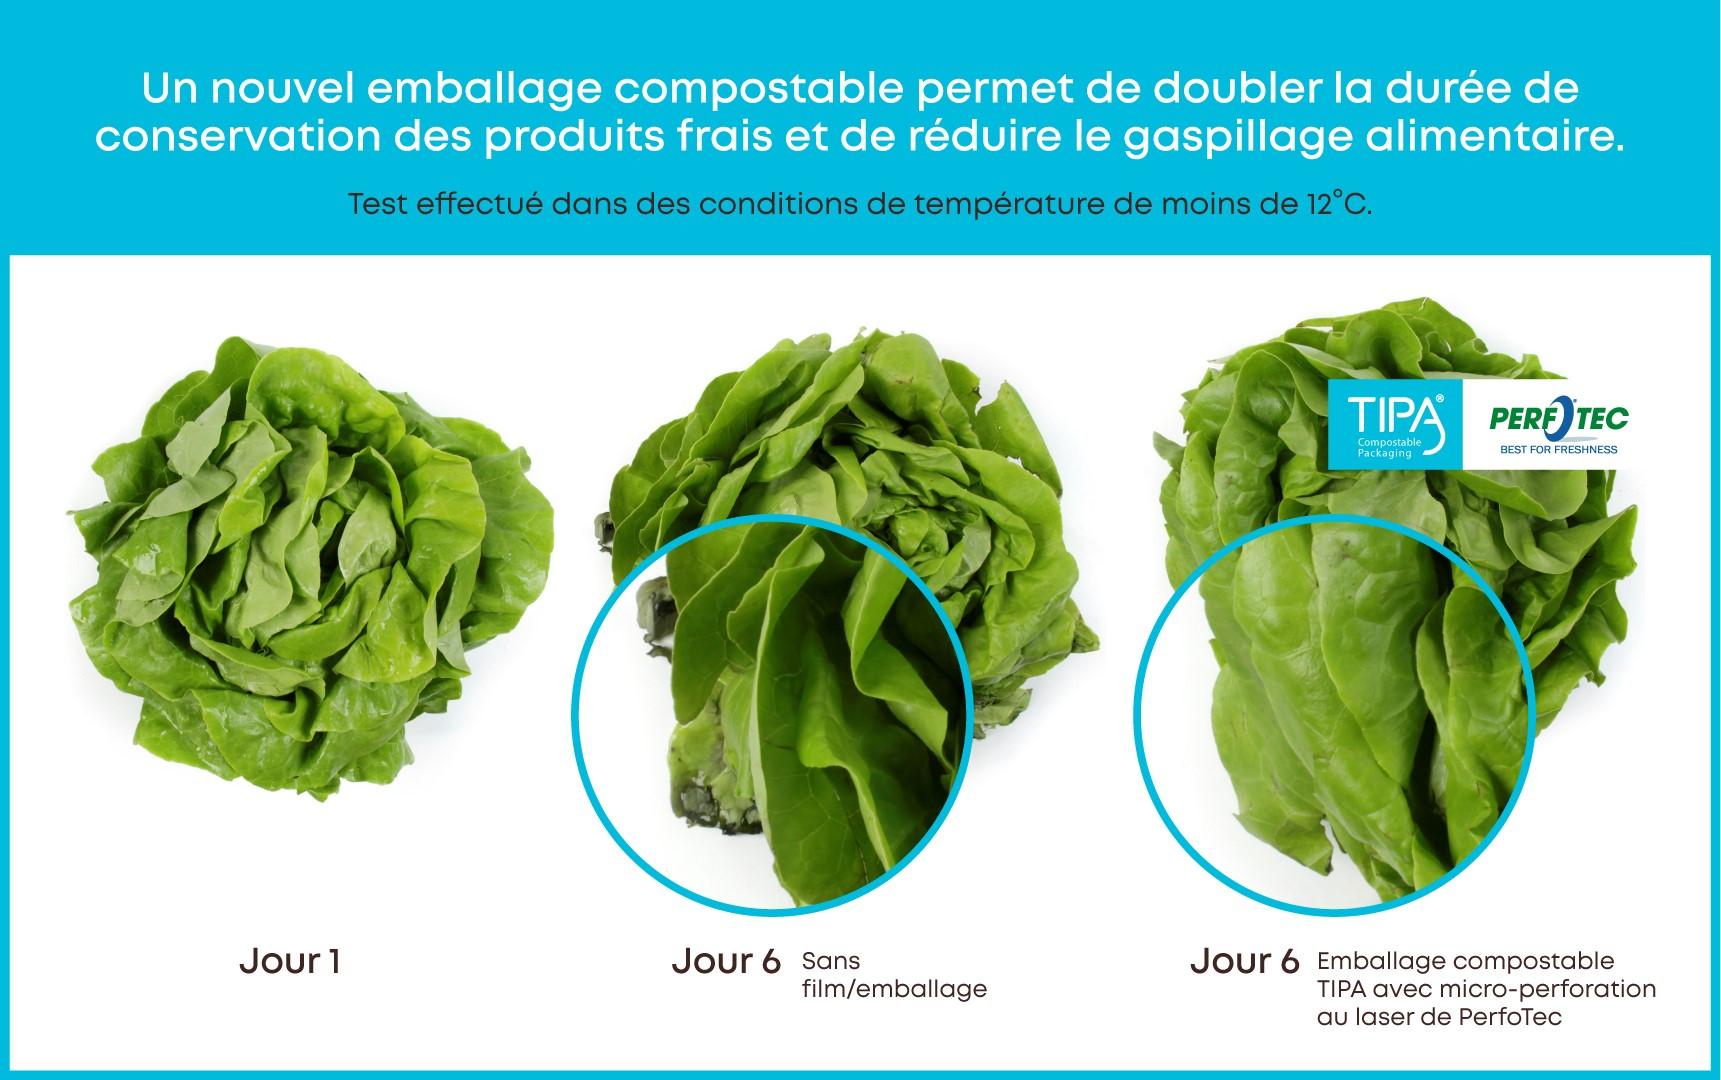 TIPA Perfotec Lettuce Test FR - Un nouvel emballage compostable peut doubler la durée de conservation des produits frais